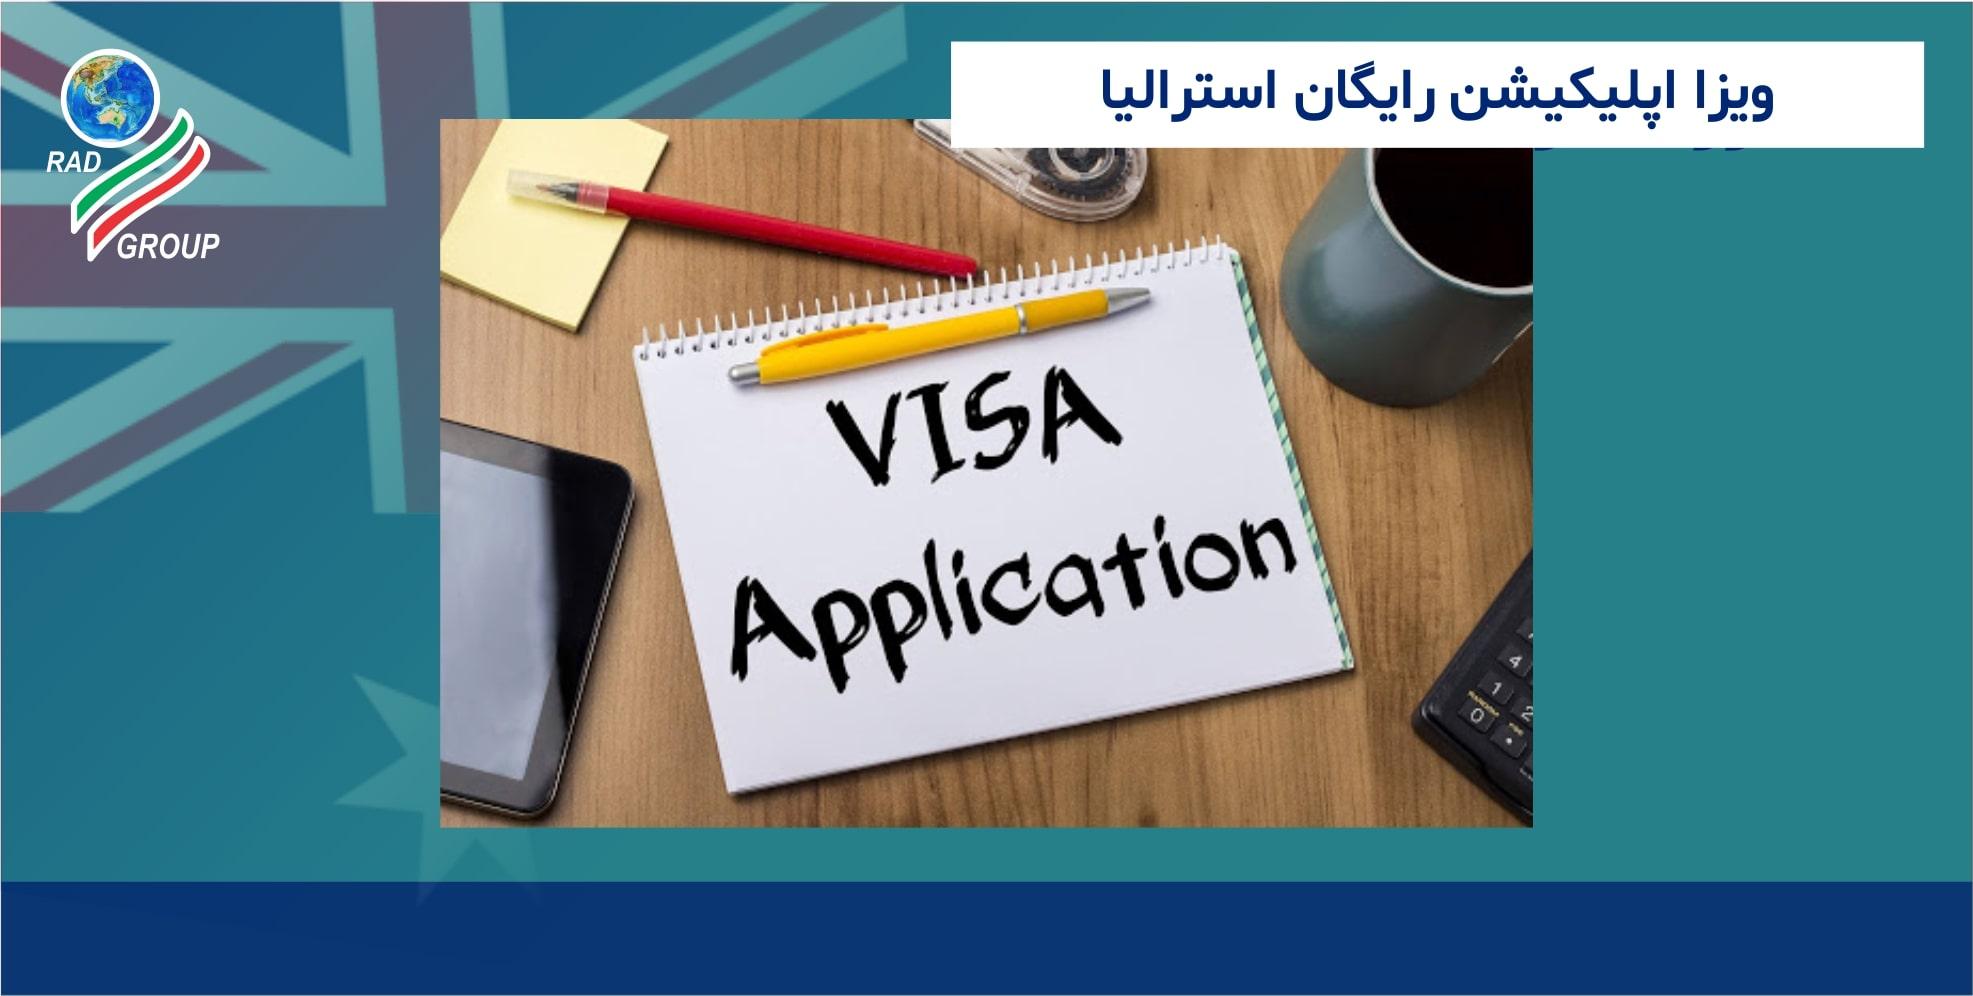 ویزا اپلیکیشن رایگان استرالیا-min